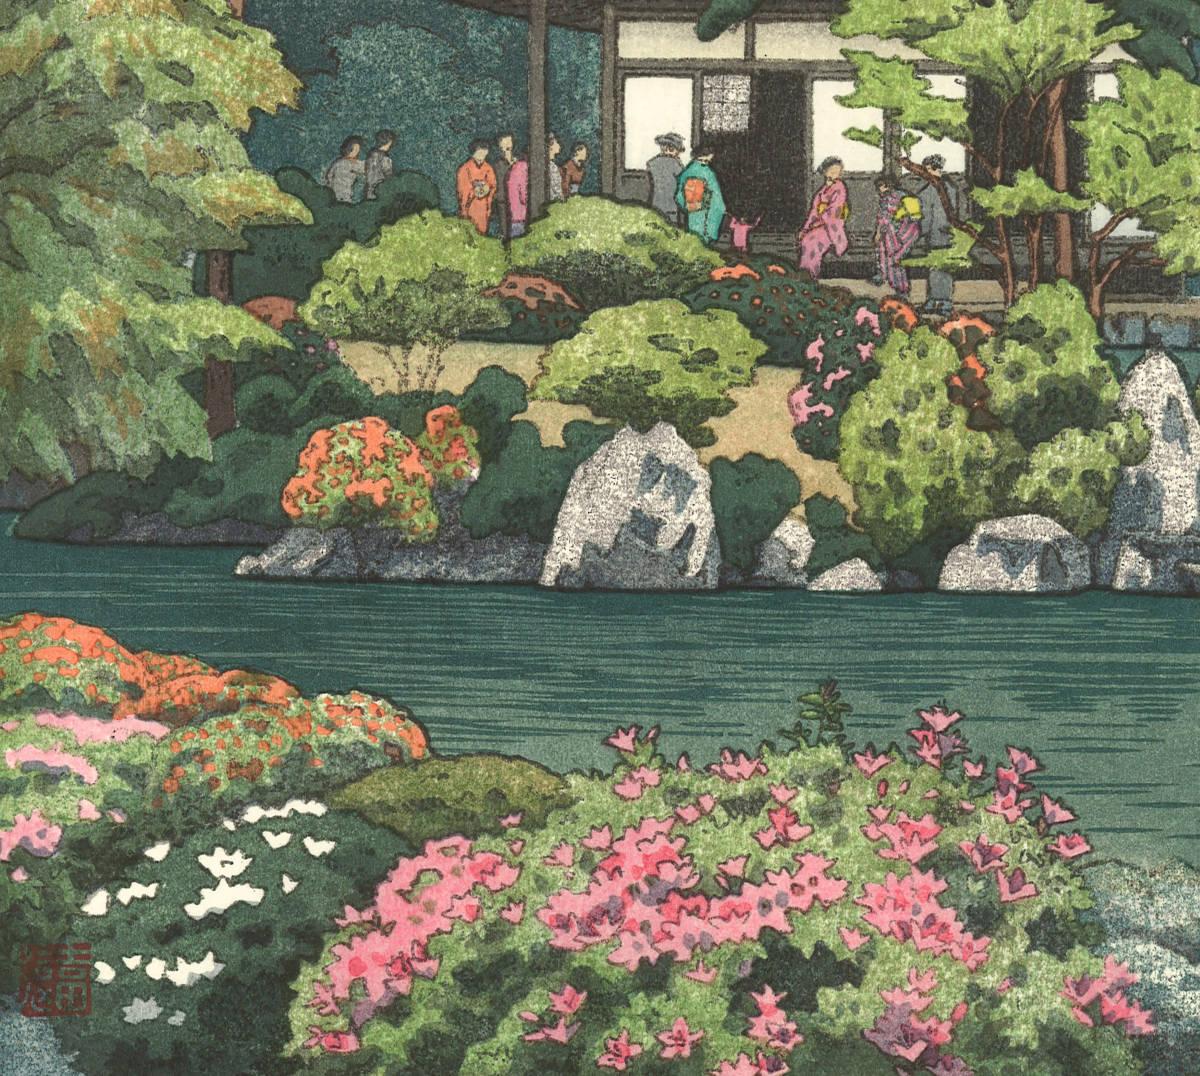 吉田遠志 木版画 015112 銀閣 Silver pavilion kyoto 初摺1951年   最高峰の摺師の技をご堪能下さい!!_画像10